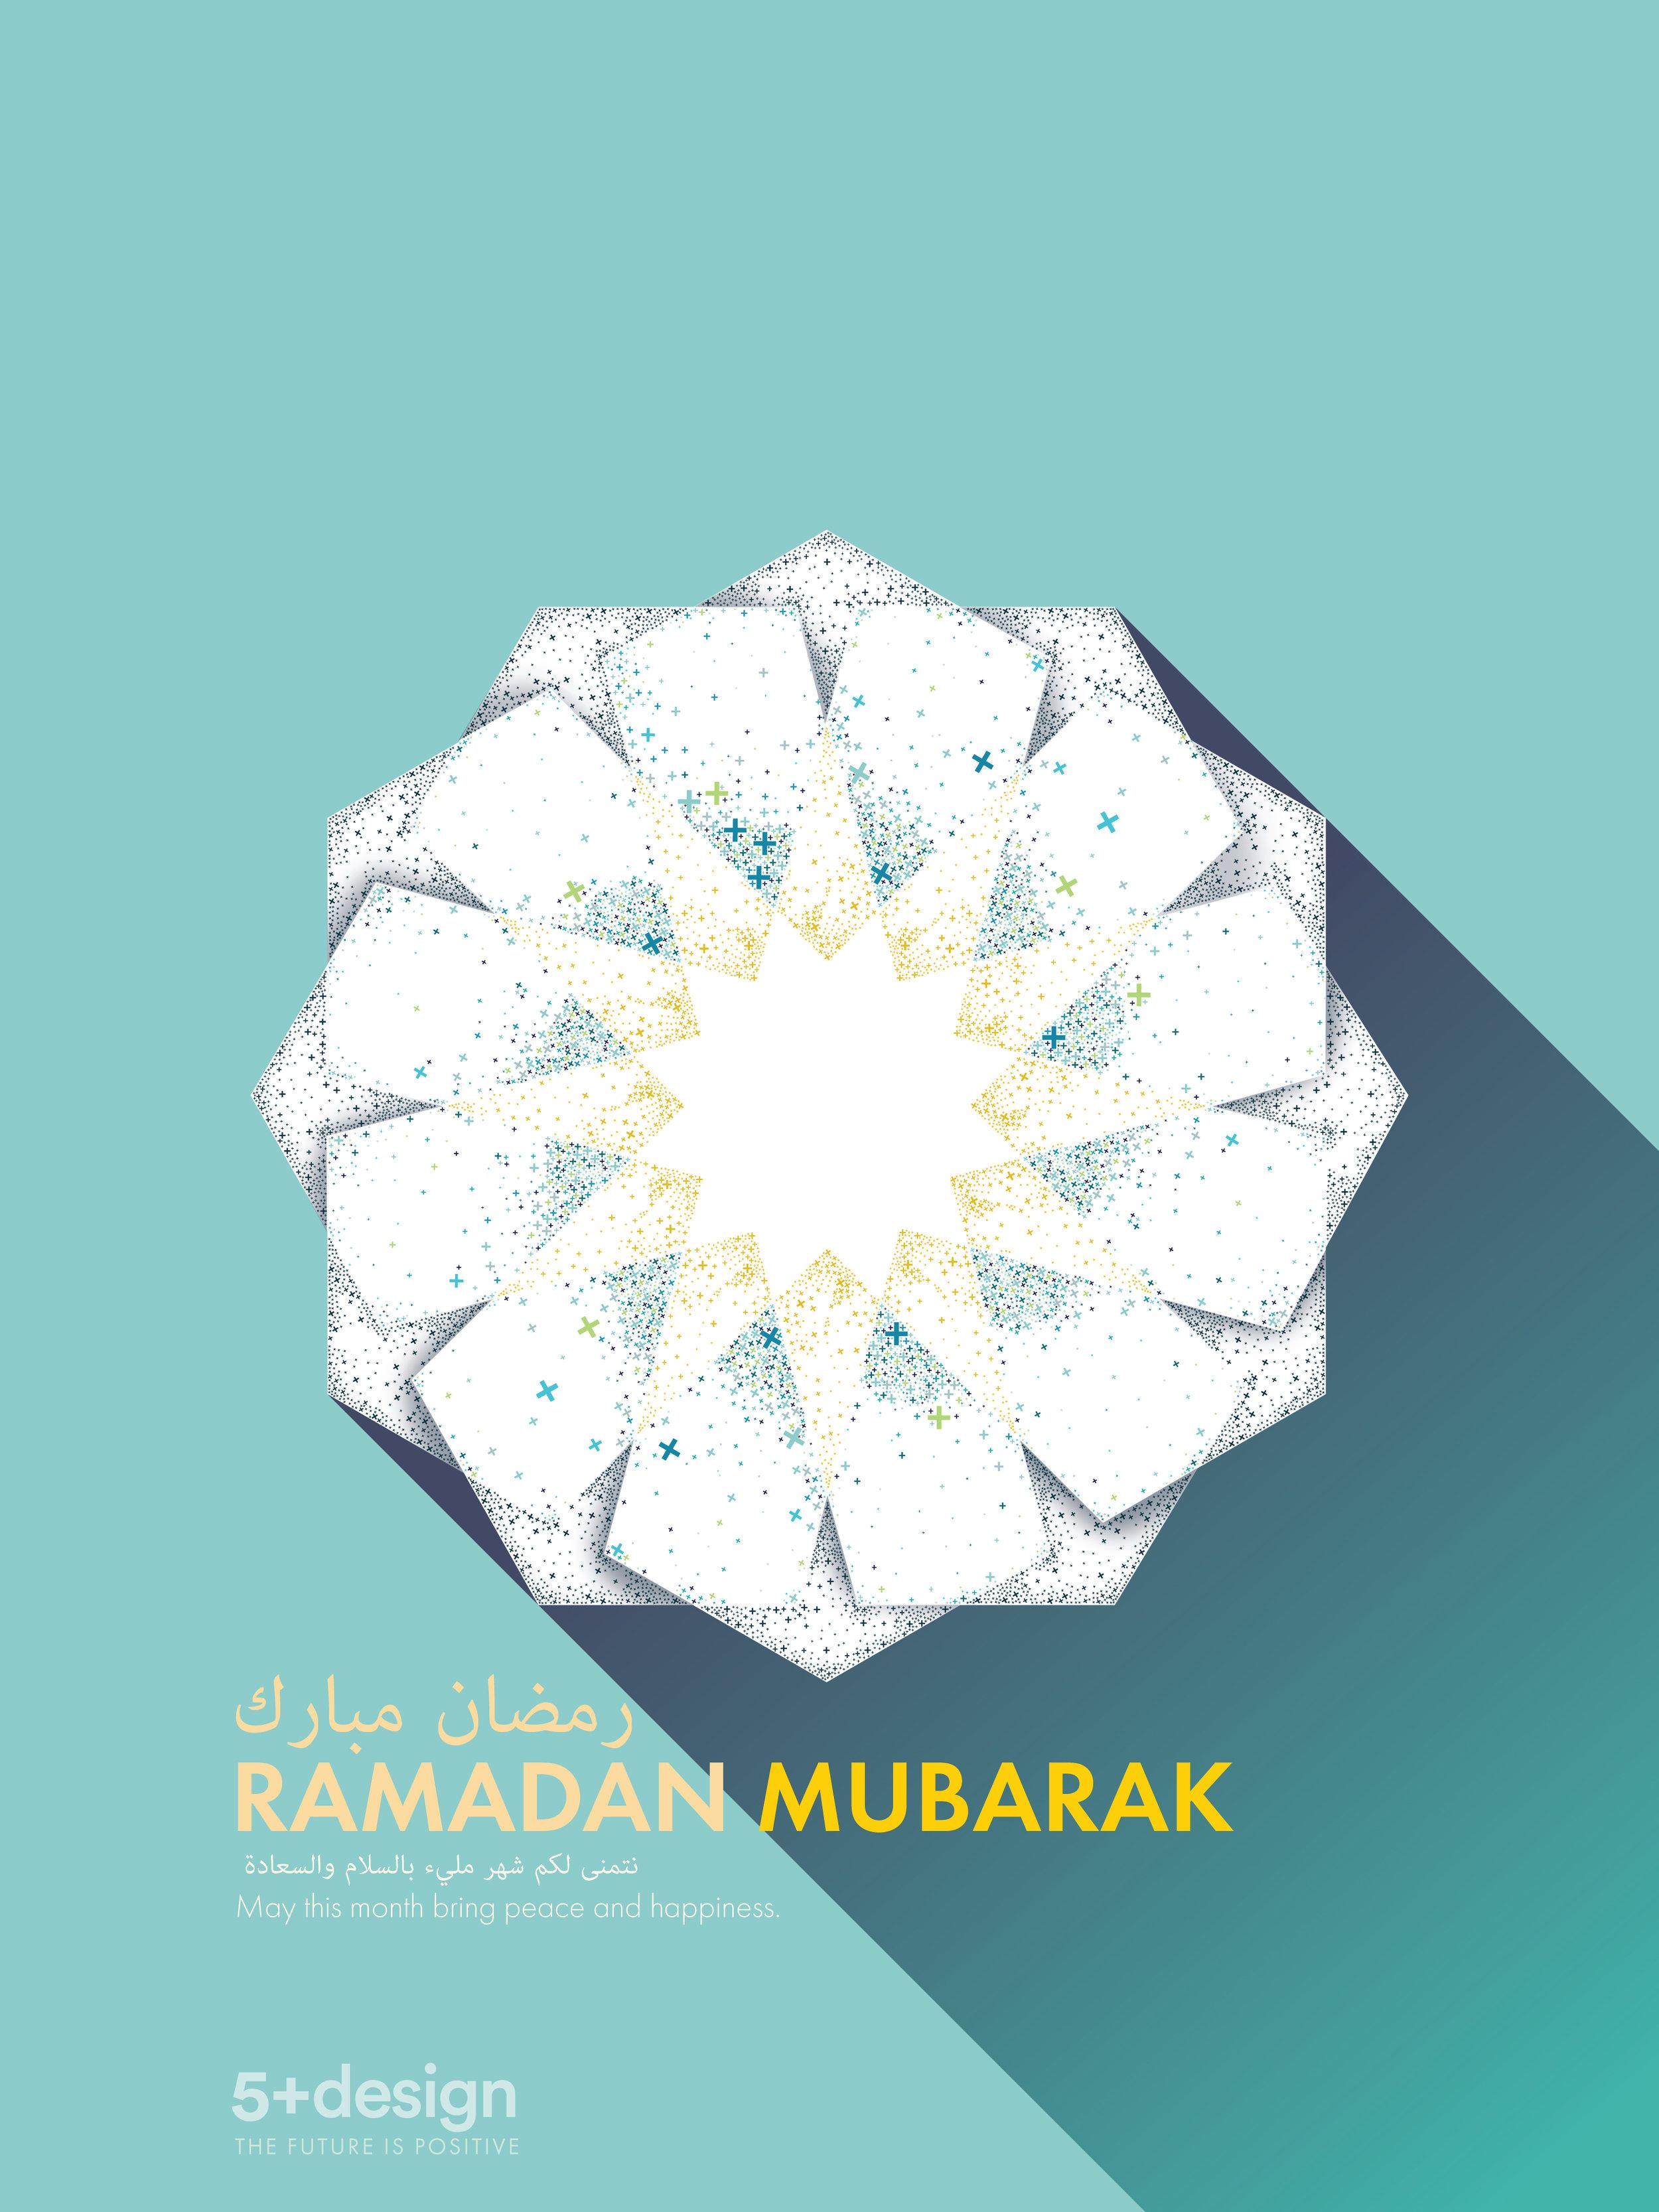 5+design_Ramadan-Mubarak-2019.jpg